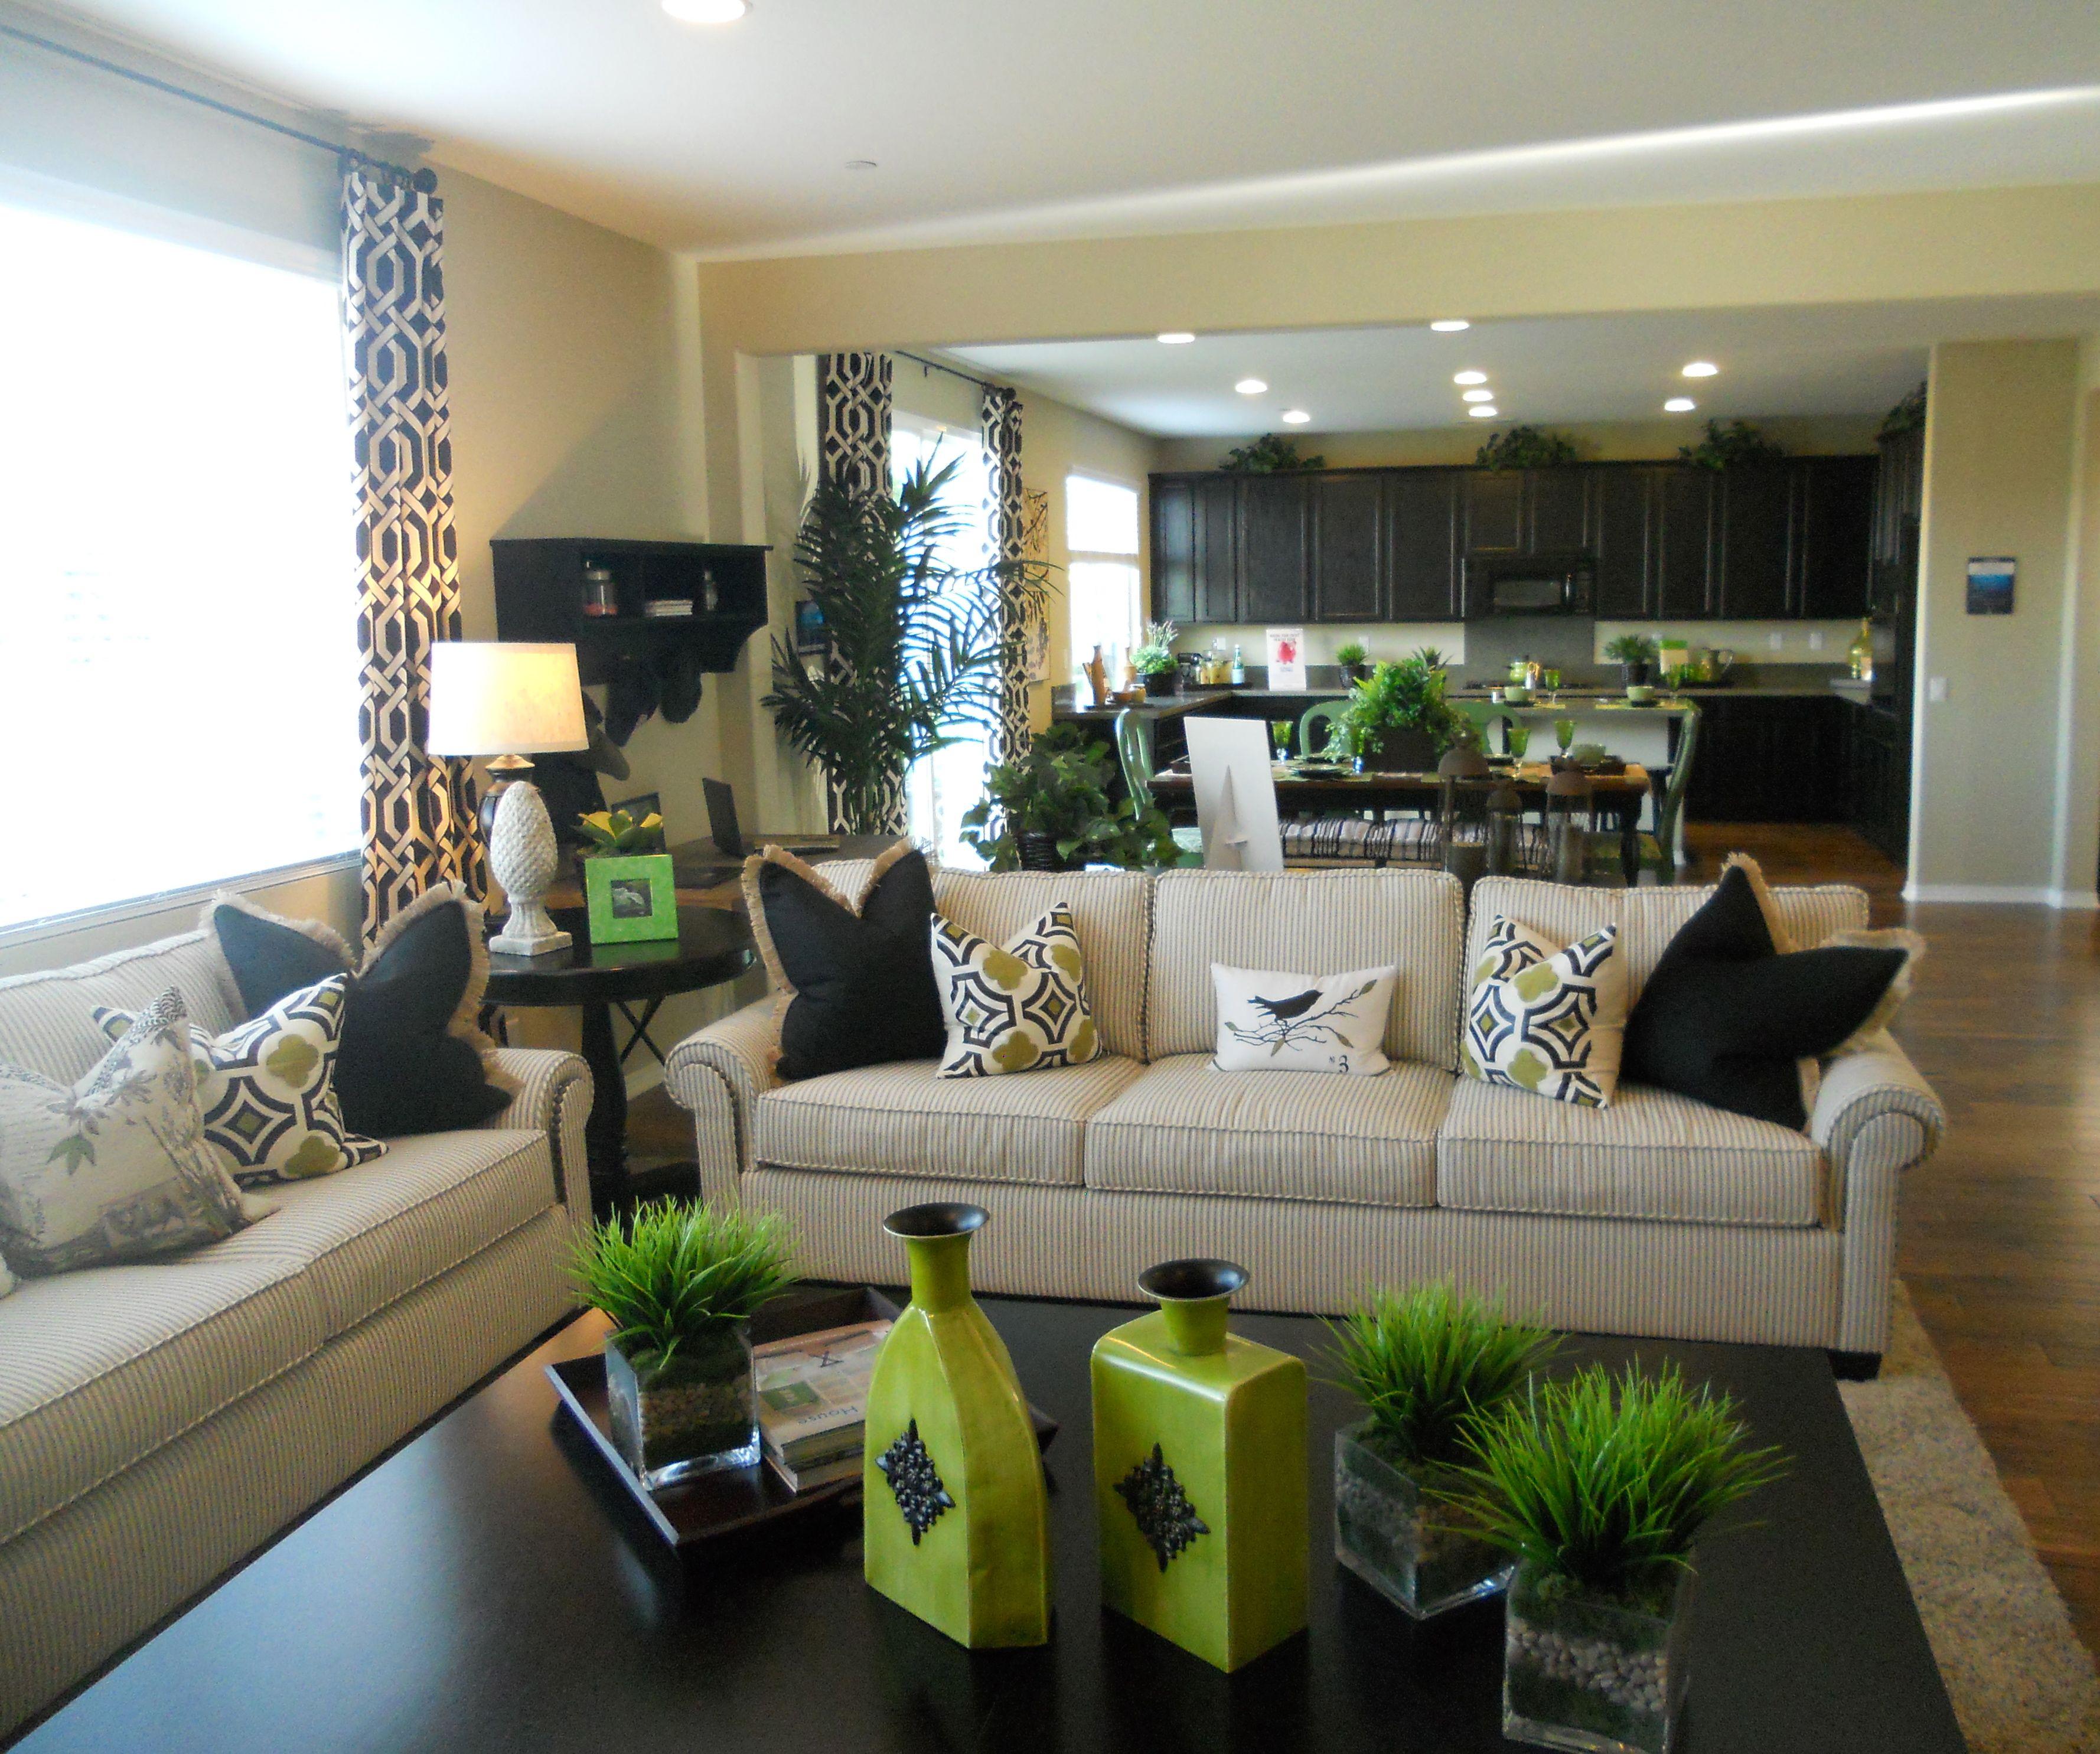 Living Room   Inspiration   Pinterest